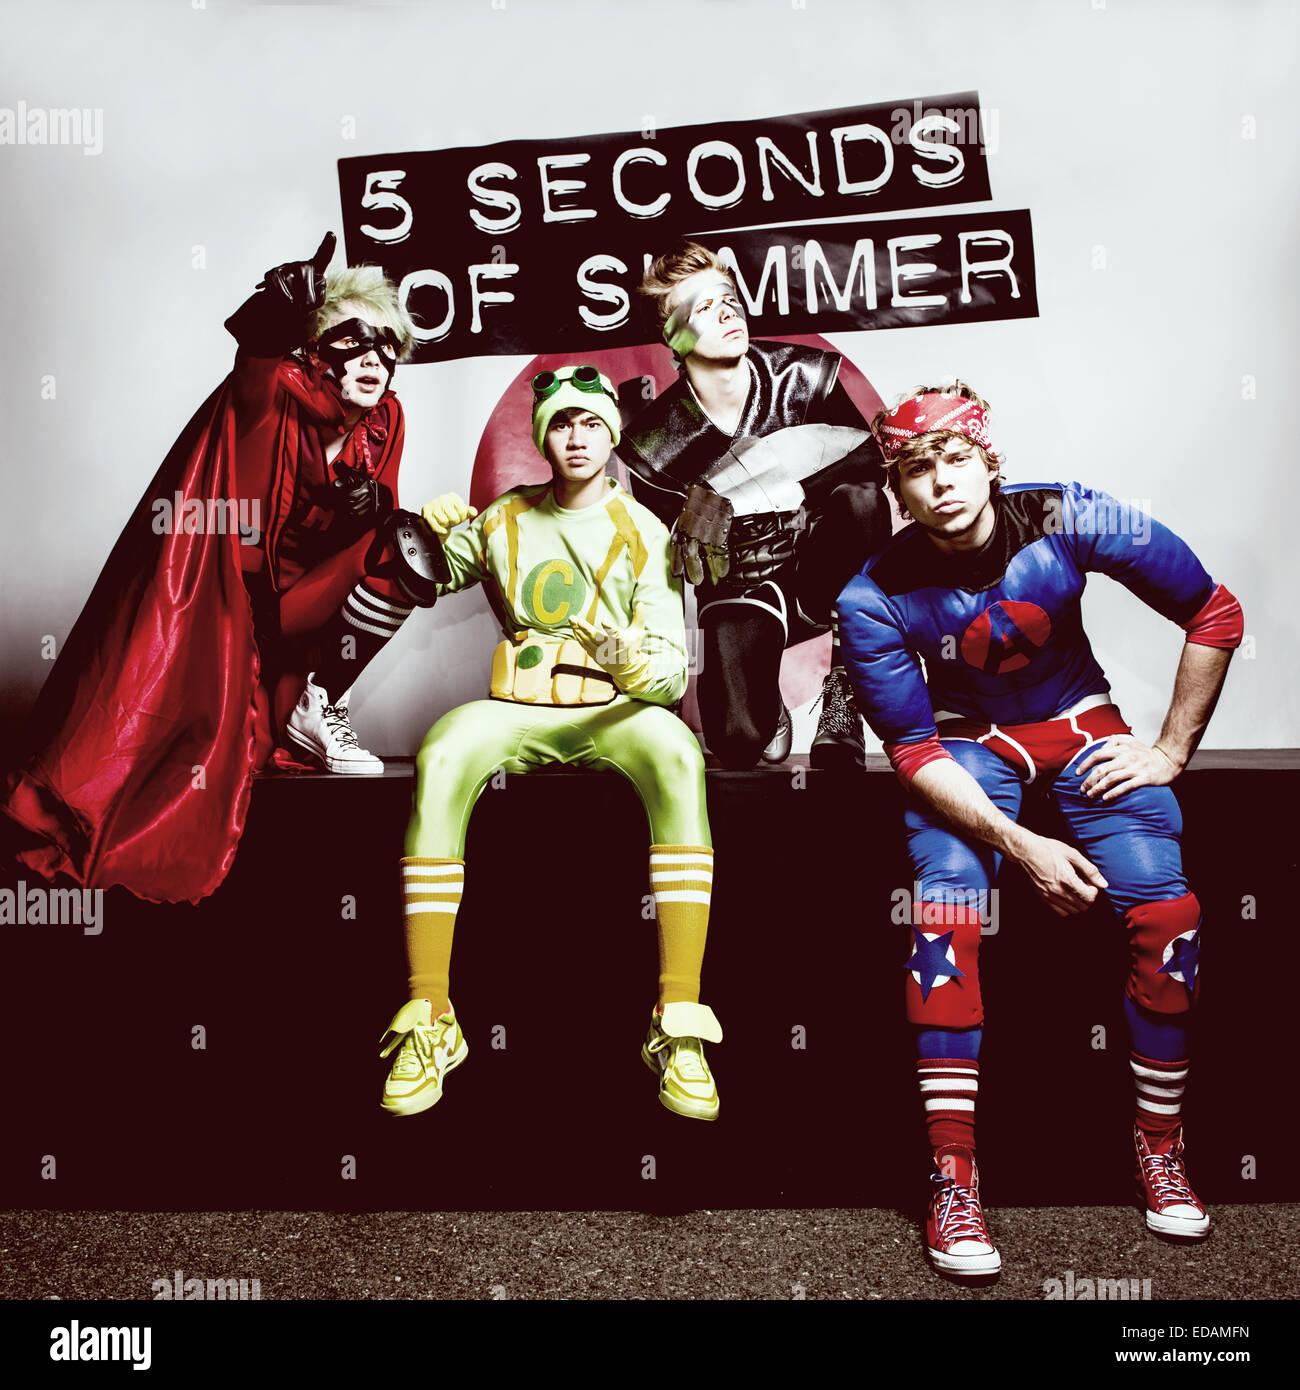 5sos poster design - Australian Boy Band 5 Seconds Of Summer Are Luke Hemmings Lead Vocals Guitar Michael Clifford Guitar Vocals Calum Hood Bass Guitar